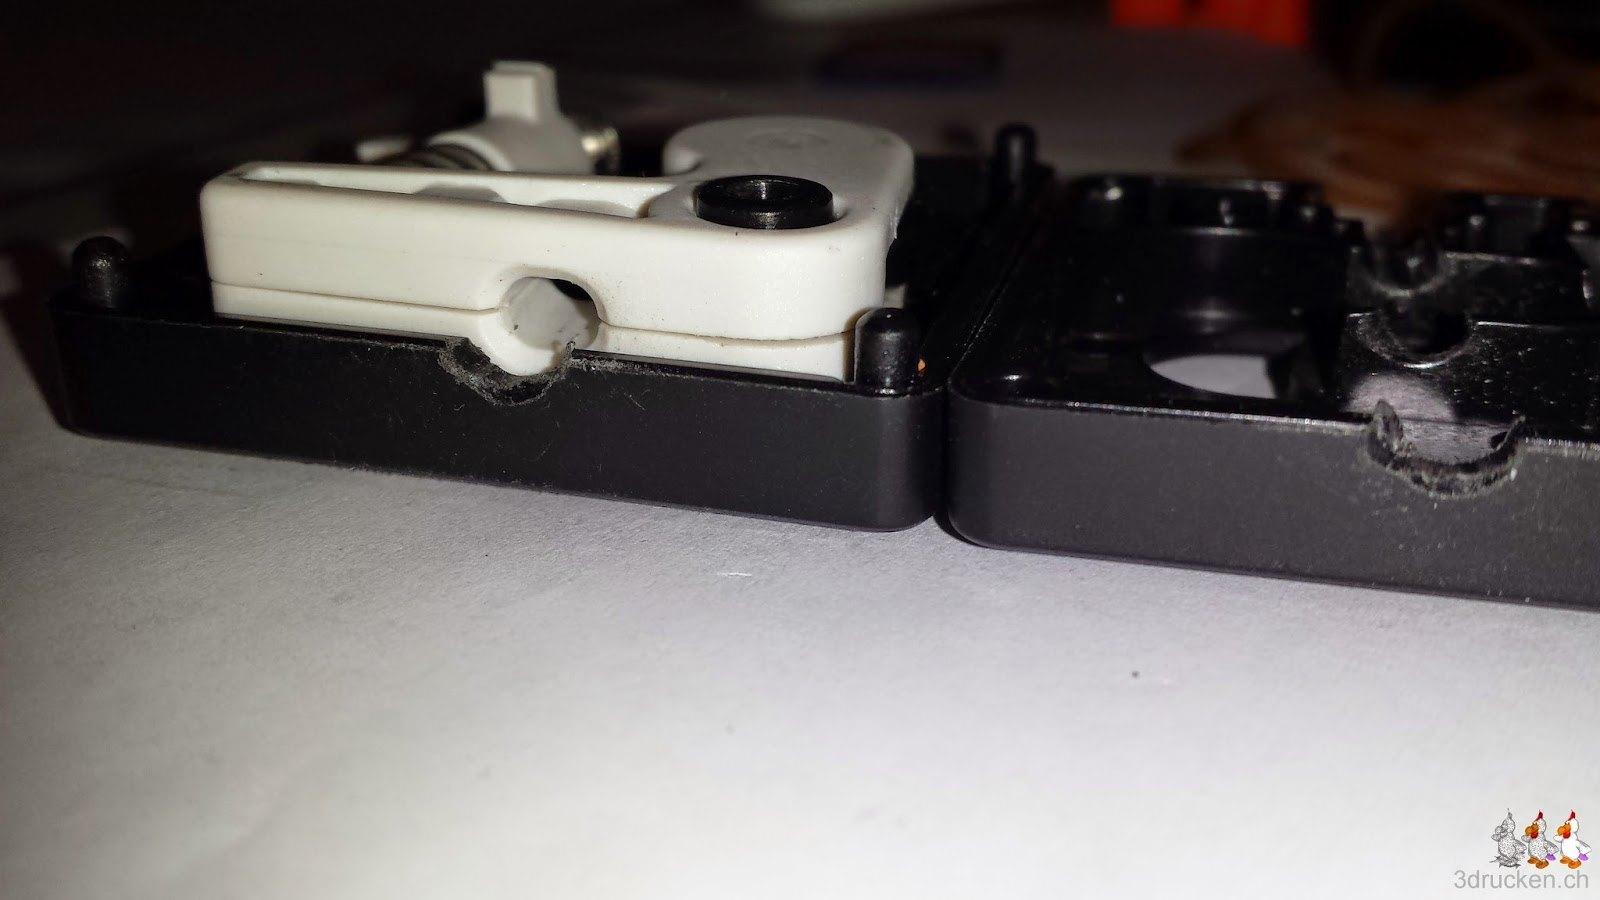 Foto der Unterseite des Feedergehäuses des Ultimaker 2 mit deutlich erkennbarem Abrieb an der Öffnung durch schräg eingezogenes Filament